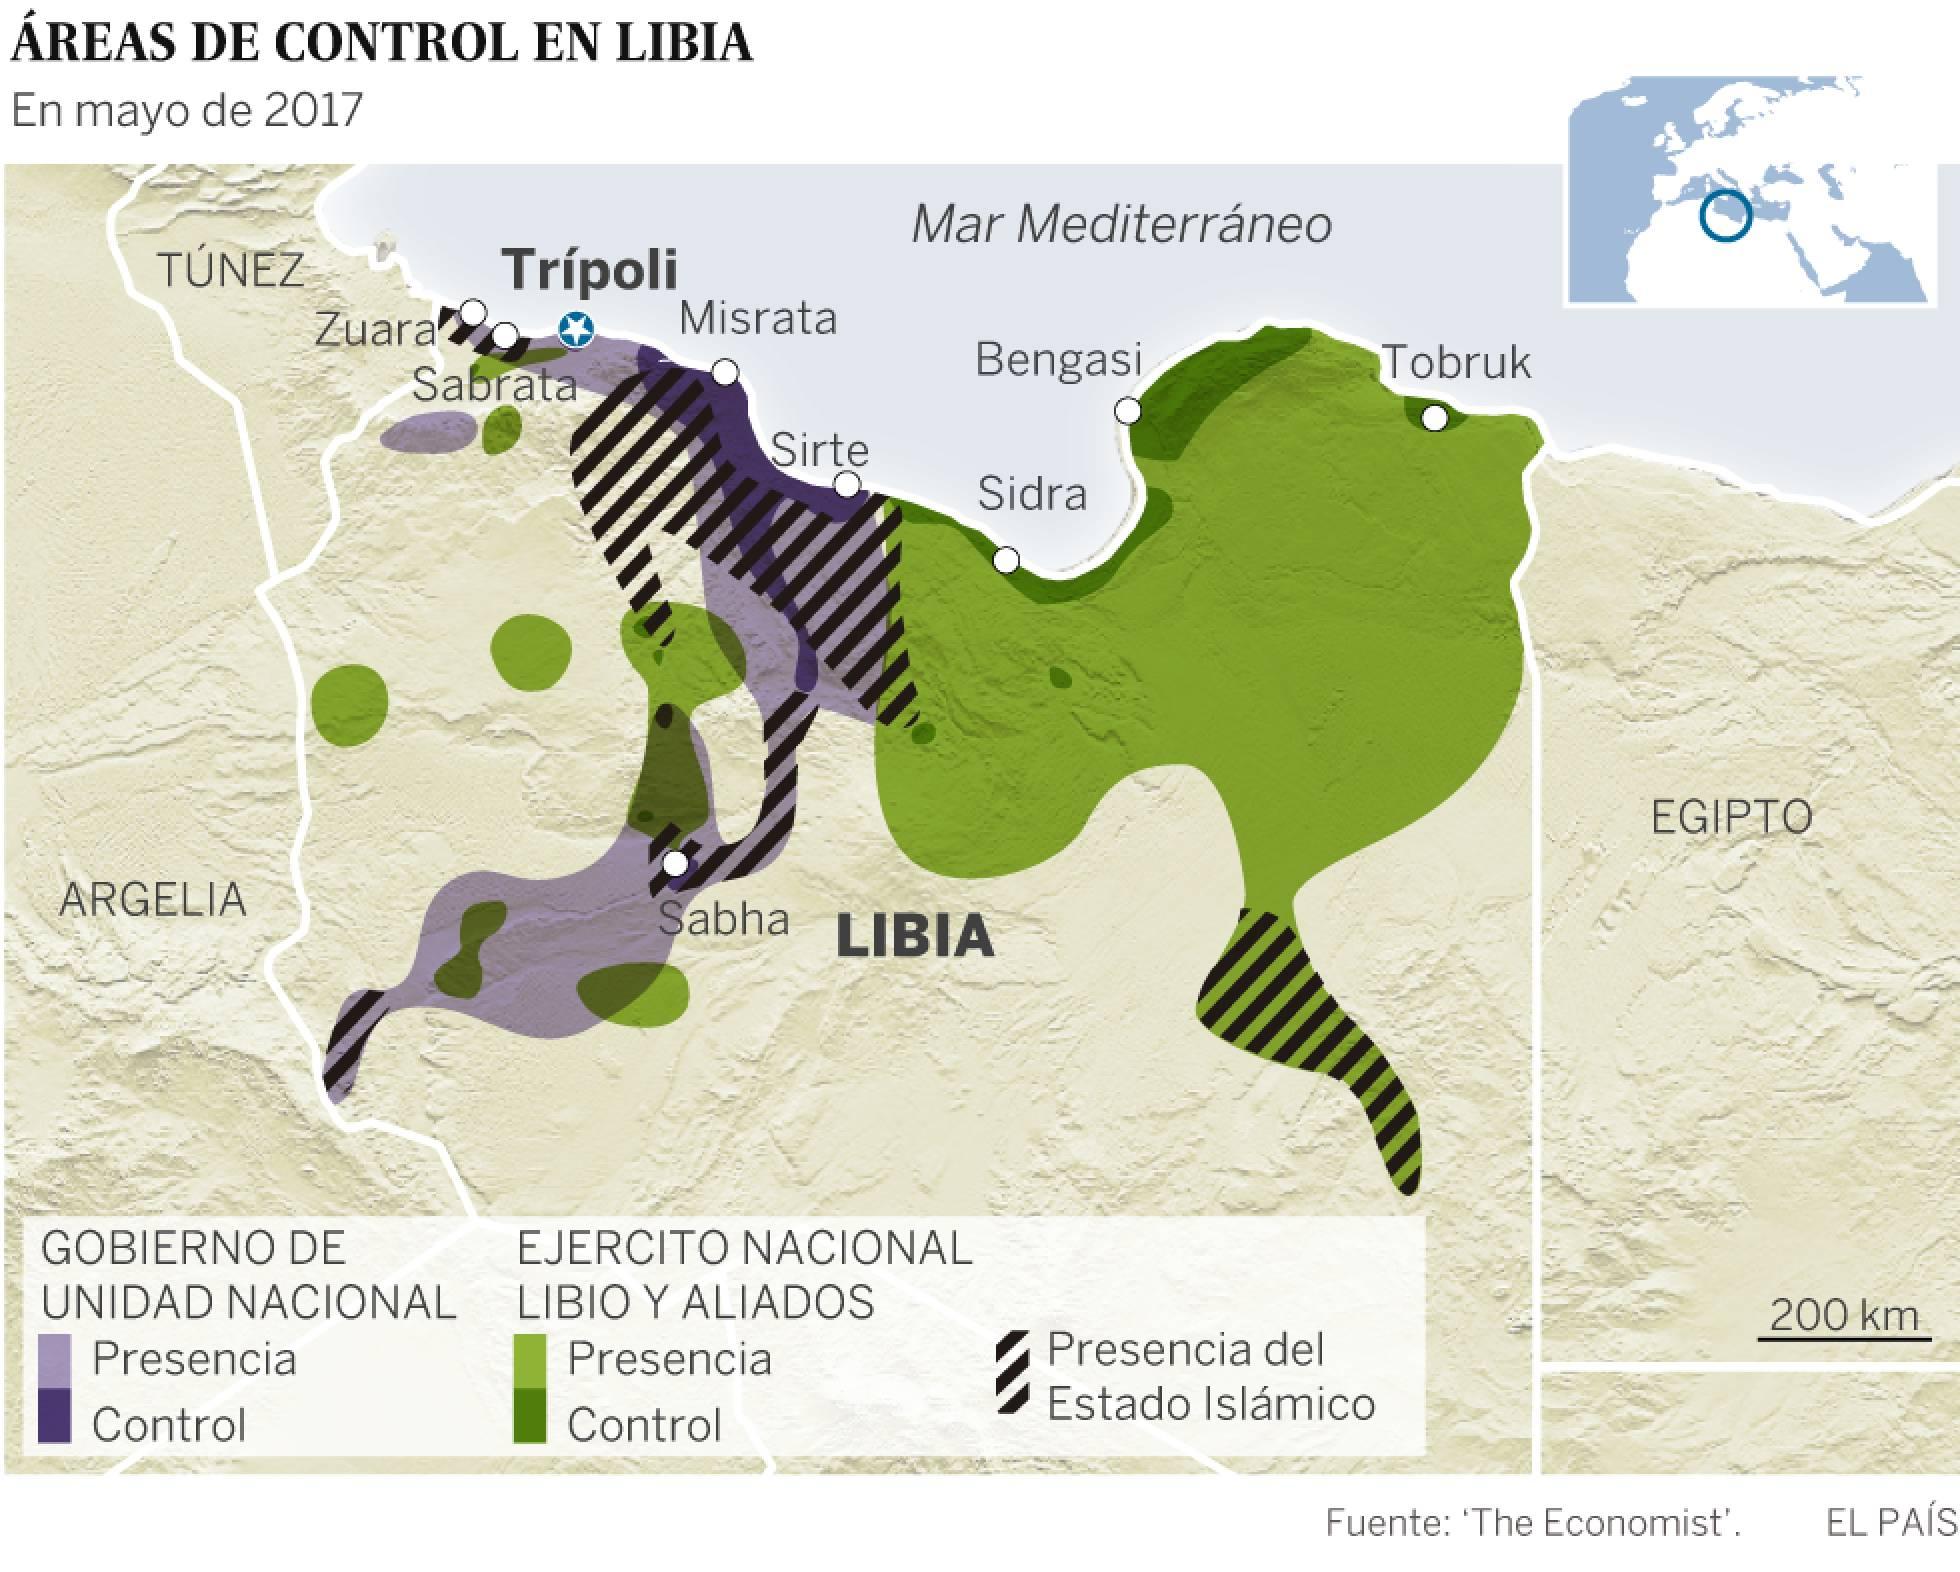 Libia - Entre la guerra civil y las manos del EI - Página 4 1500973037_904058_1500997228_sumario_normal_recorte1